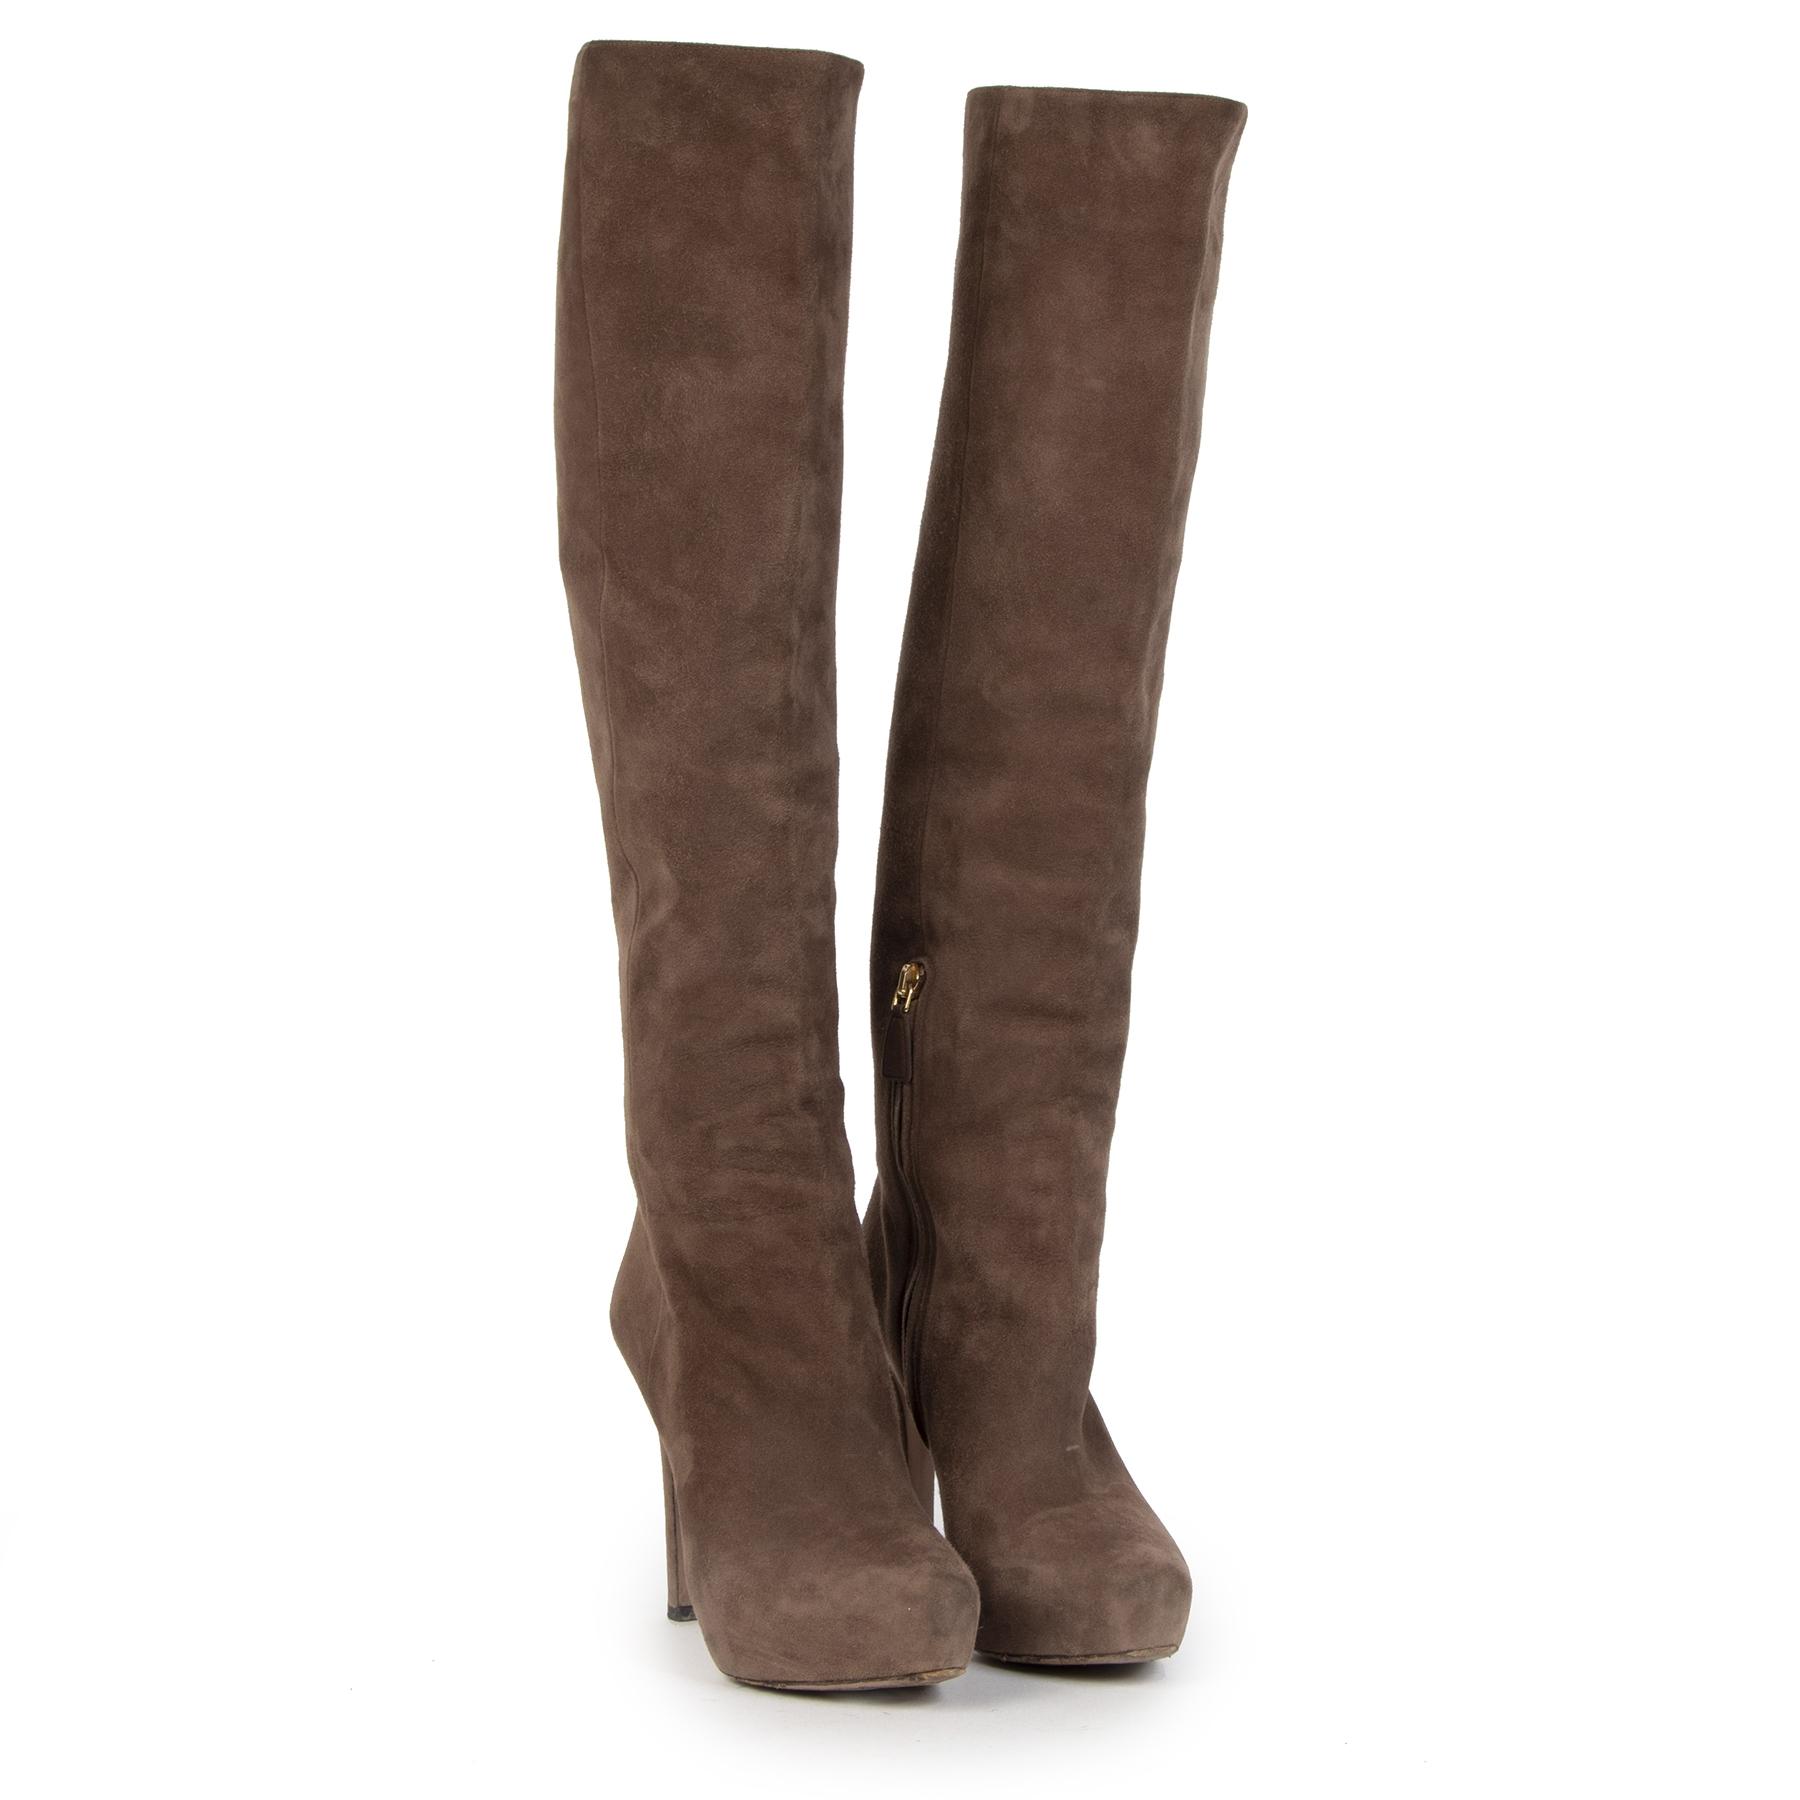 Authentieke Tweedehands Prada Beige Suede Knee Boots - size 37,5 juiste prijs veilig online shoppen luxe merken webshop winkelen Antwerpen België mode fashion